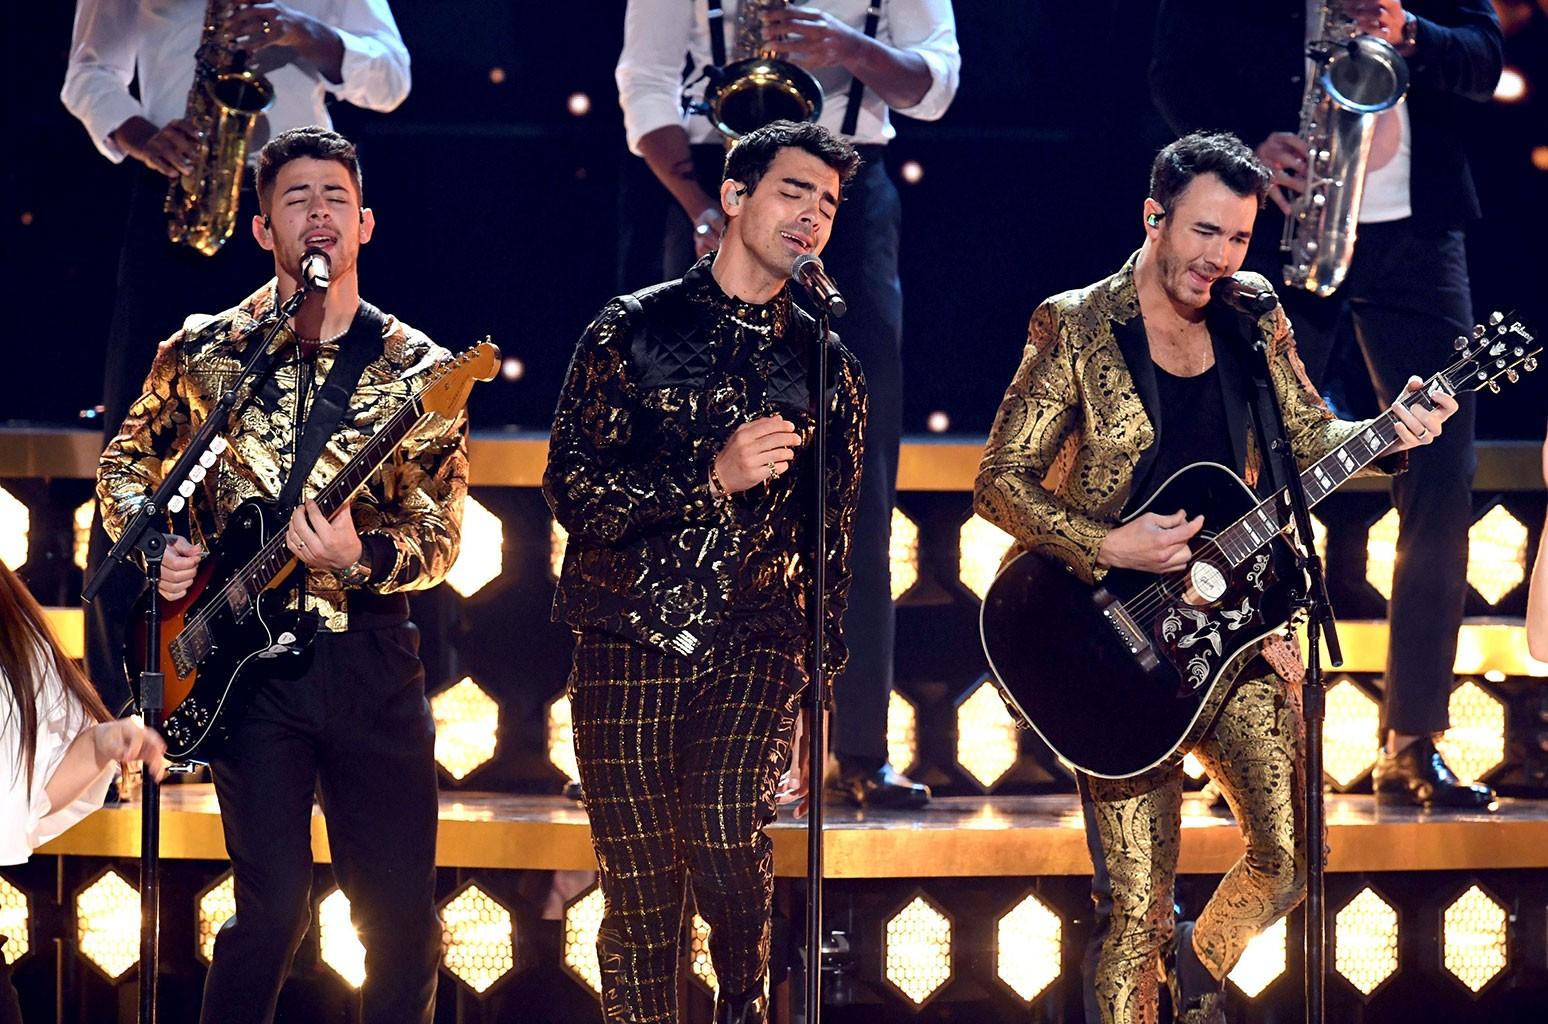 Nick Jonas, Joe Jonas and Kevin Jonas of Jonas Brothers